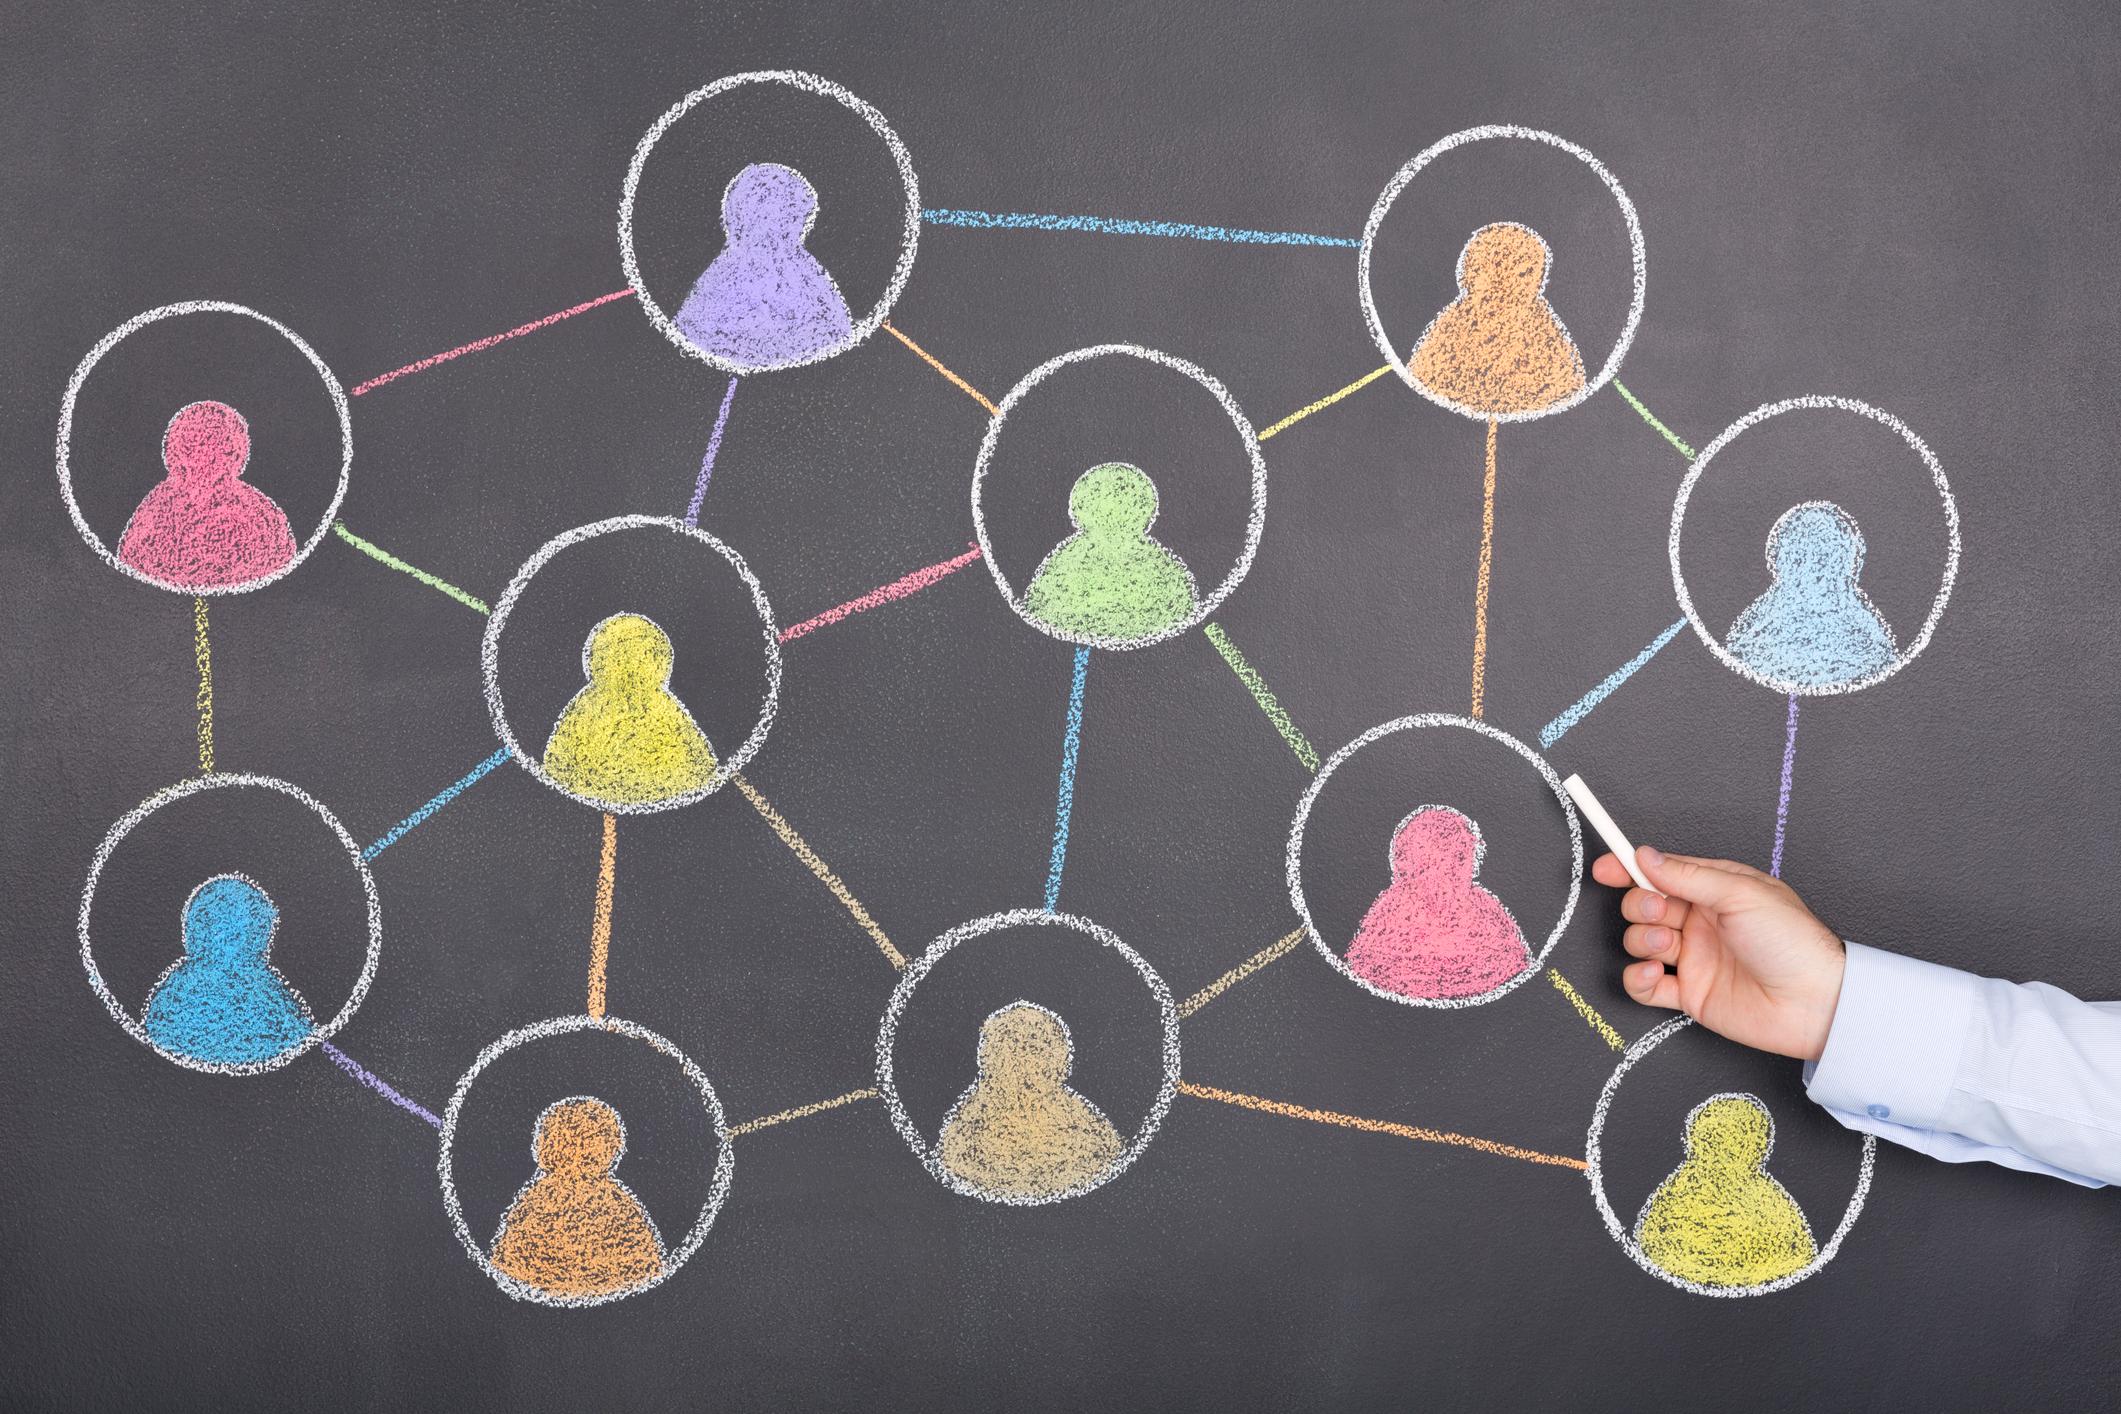 Publicité sur les réseaux sociaux : ce qu'il faut savoir